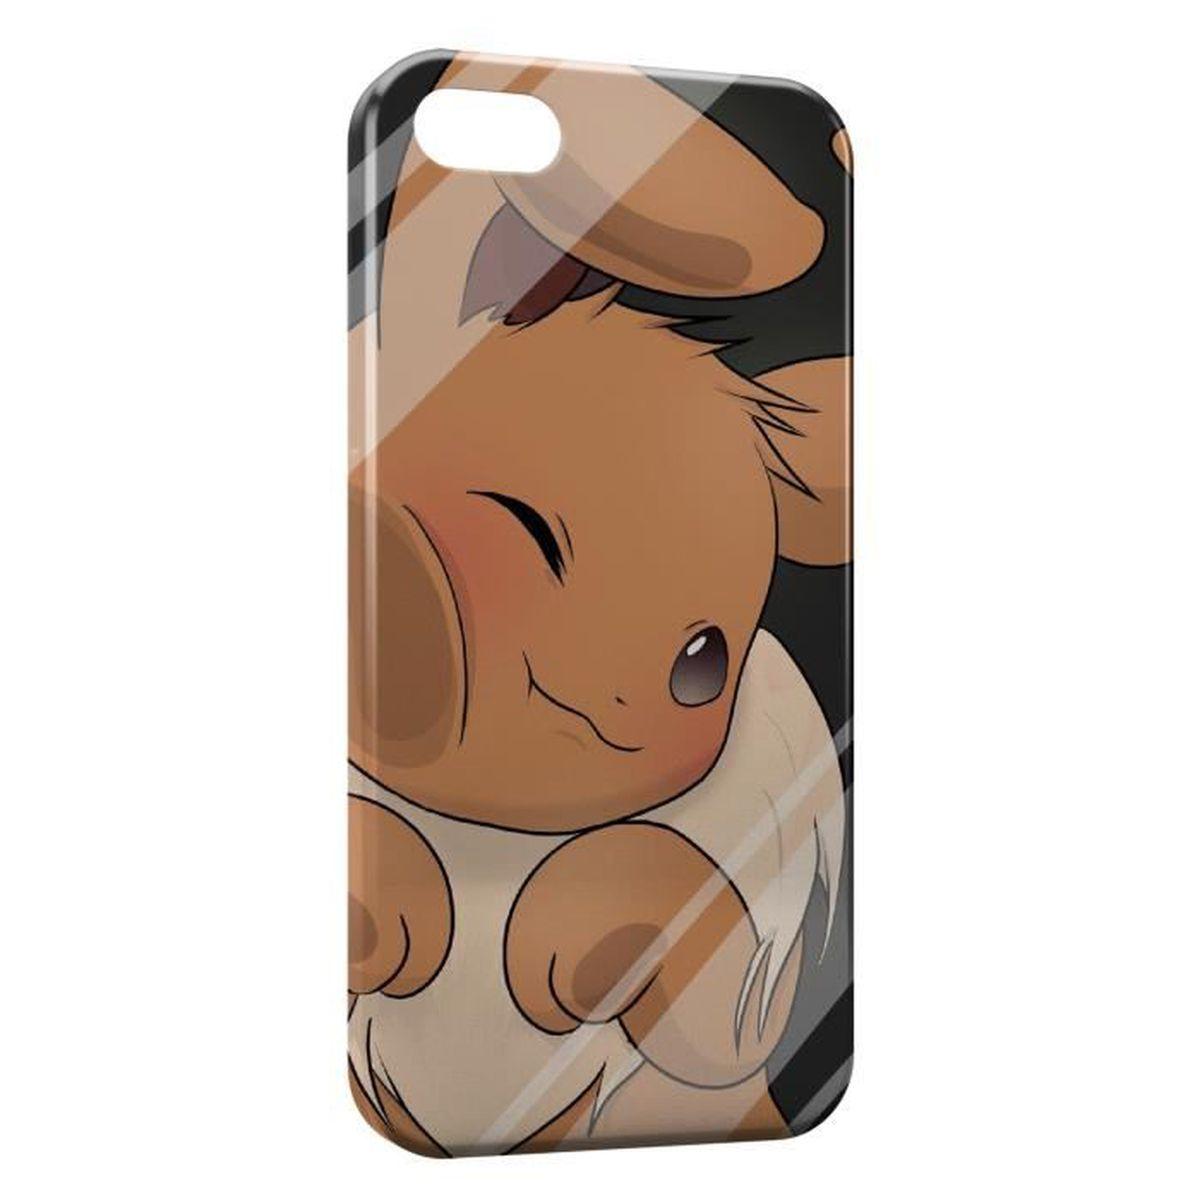 Coque iPhone 5 & 5S Evoli Pokemon Vitre Glace - Cdiscount Téléphonie